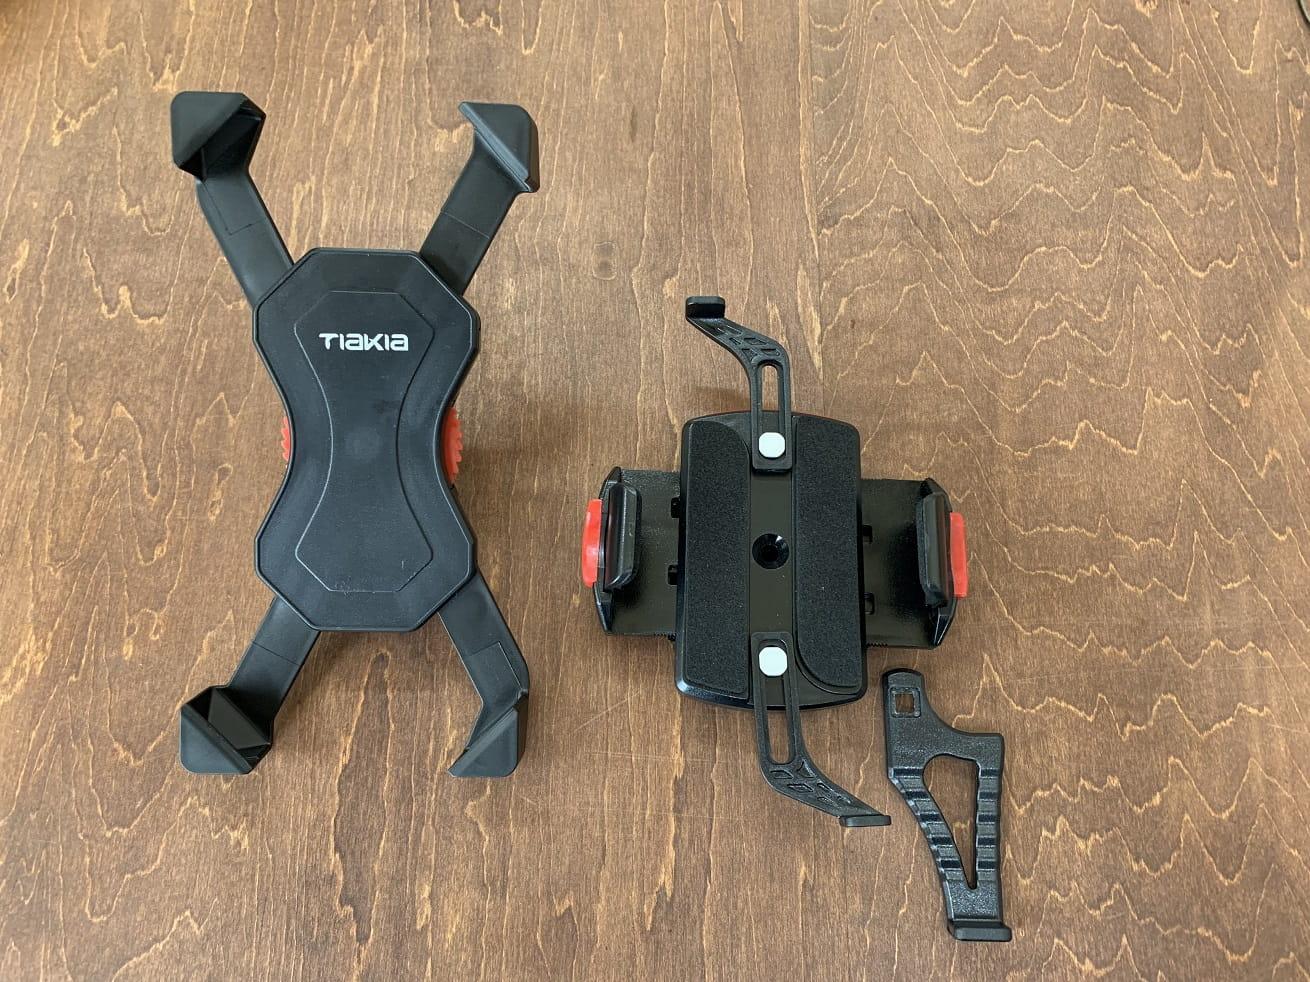 自転車スマホホルダー「Tiakia PB03-AC」と「ミノウラiH-520-STD」本体サイズ比較